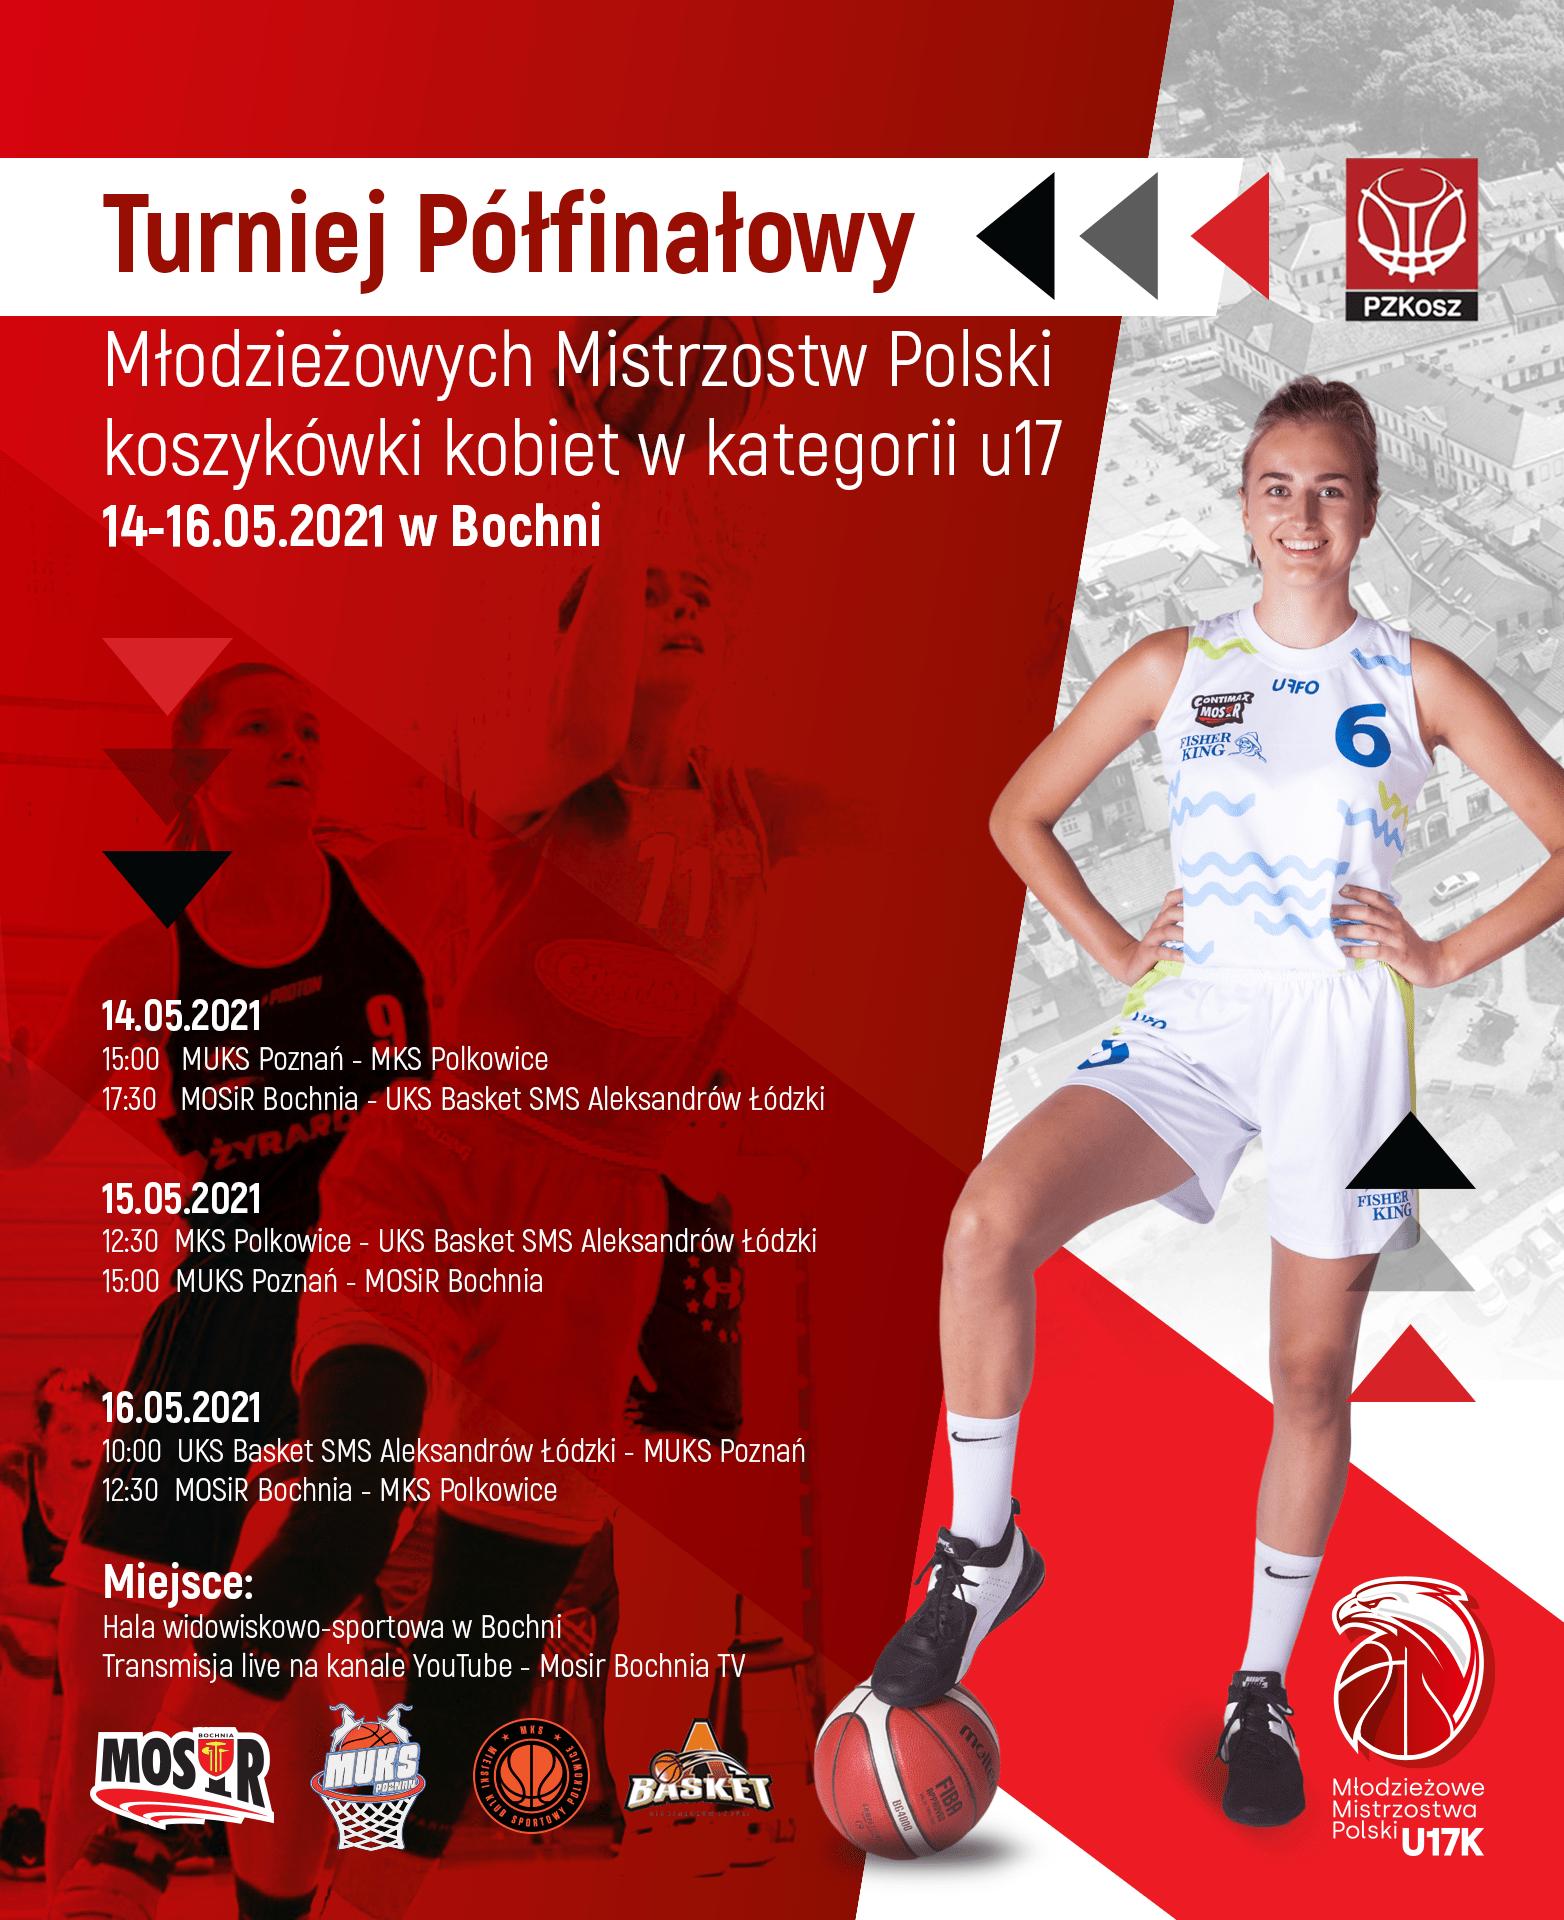 MOSiR Bochnia organizatorem Turnieju ½ finału Młodzieżowych Mistrzostw Polski do lat 17!